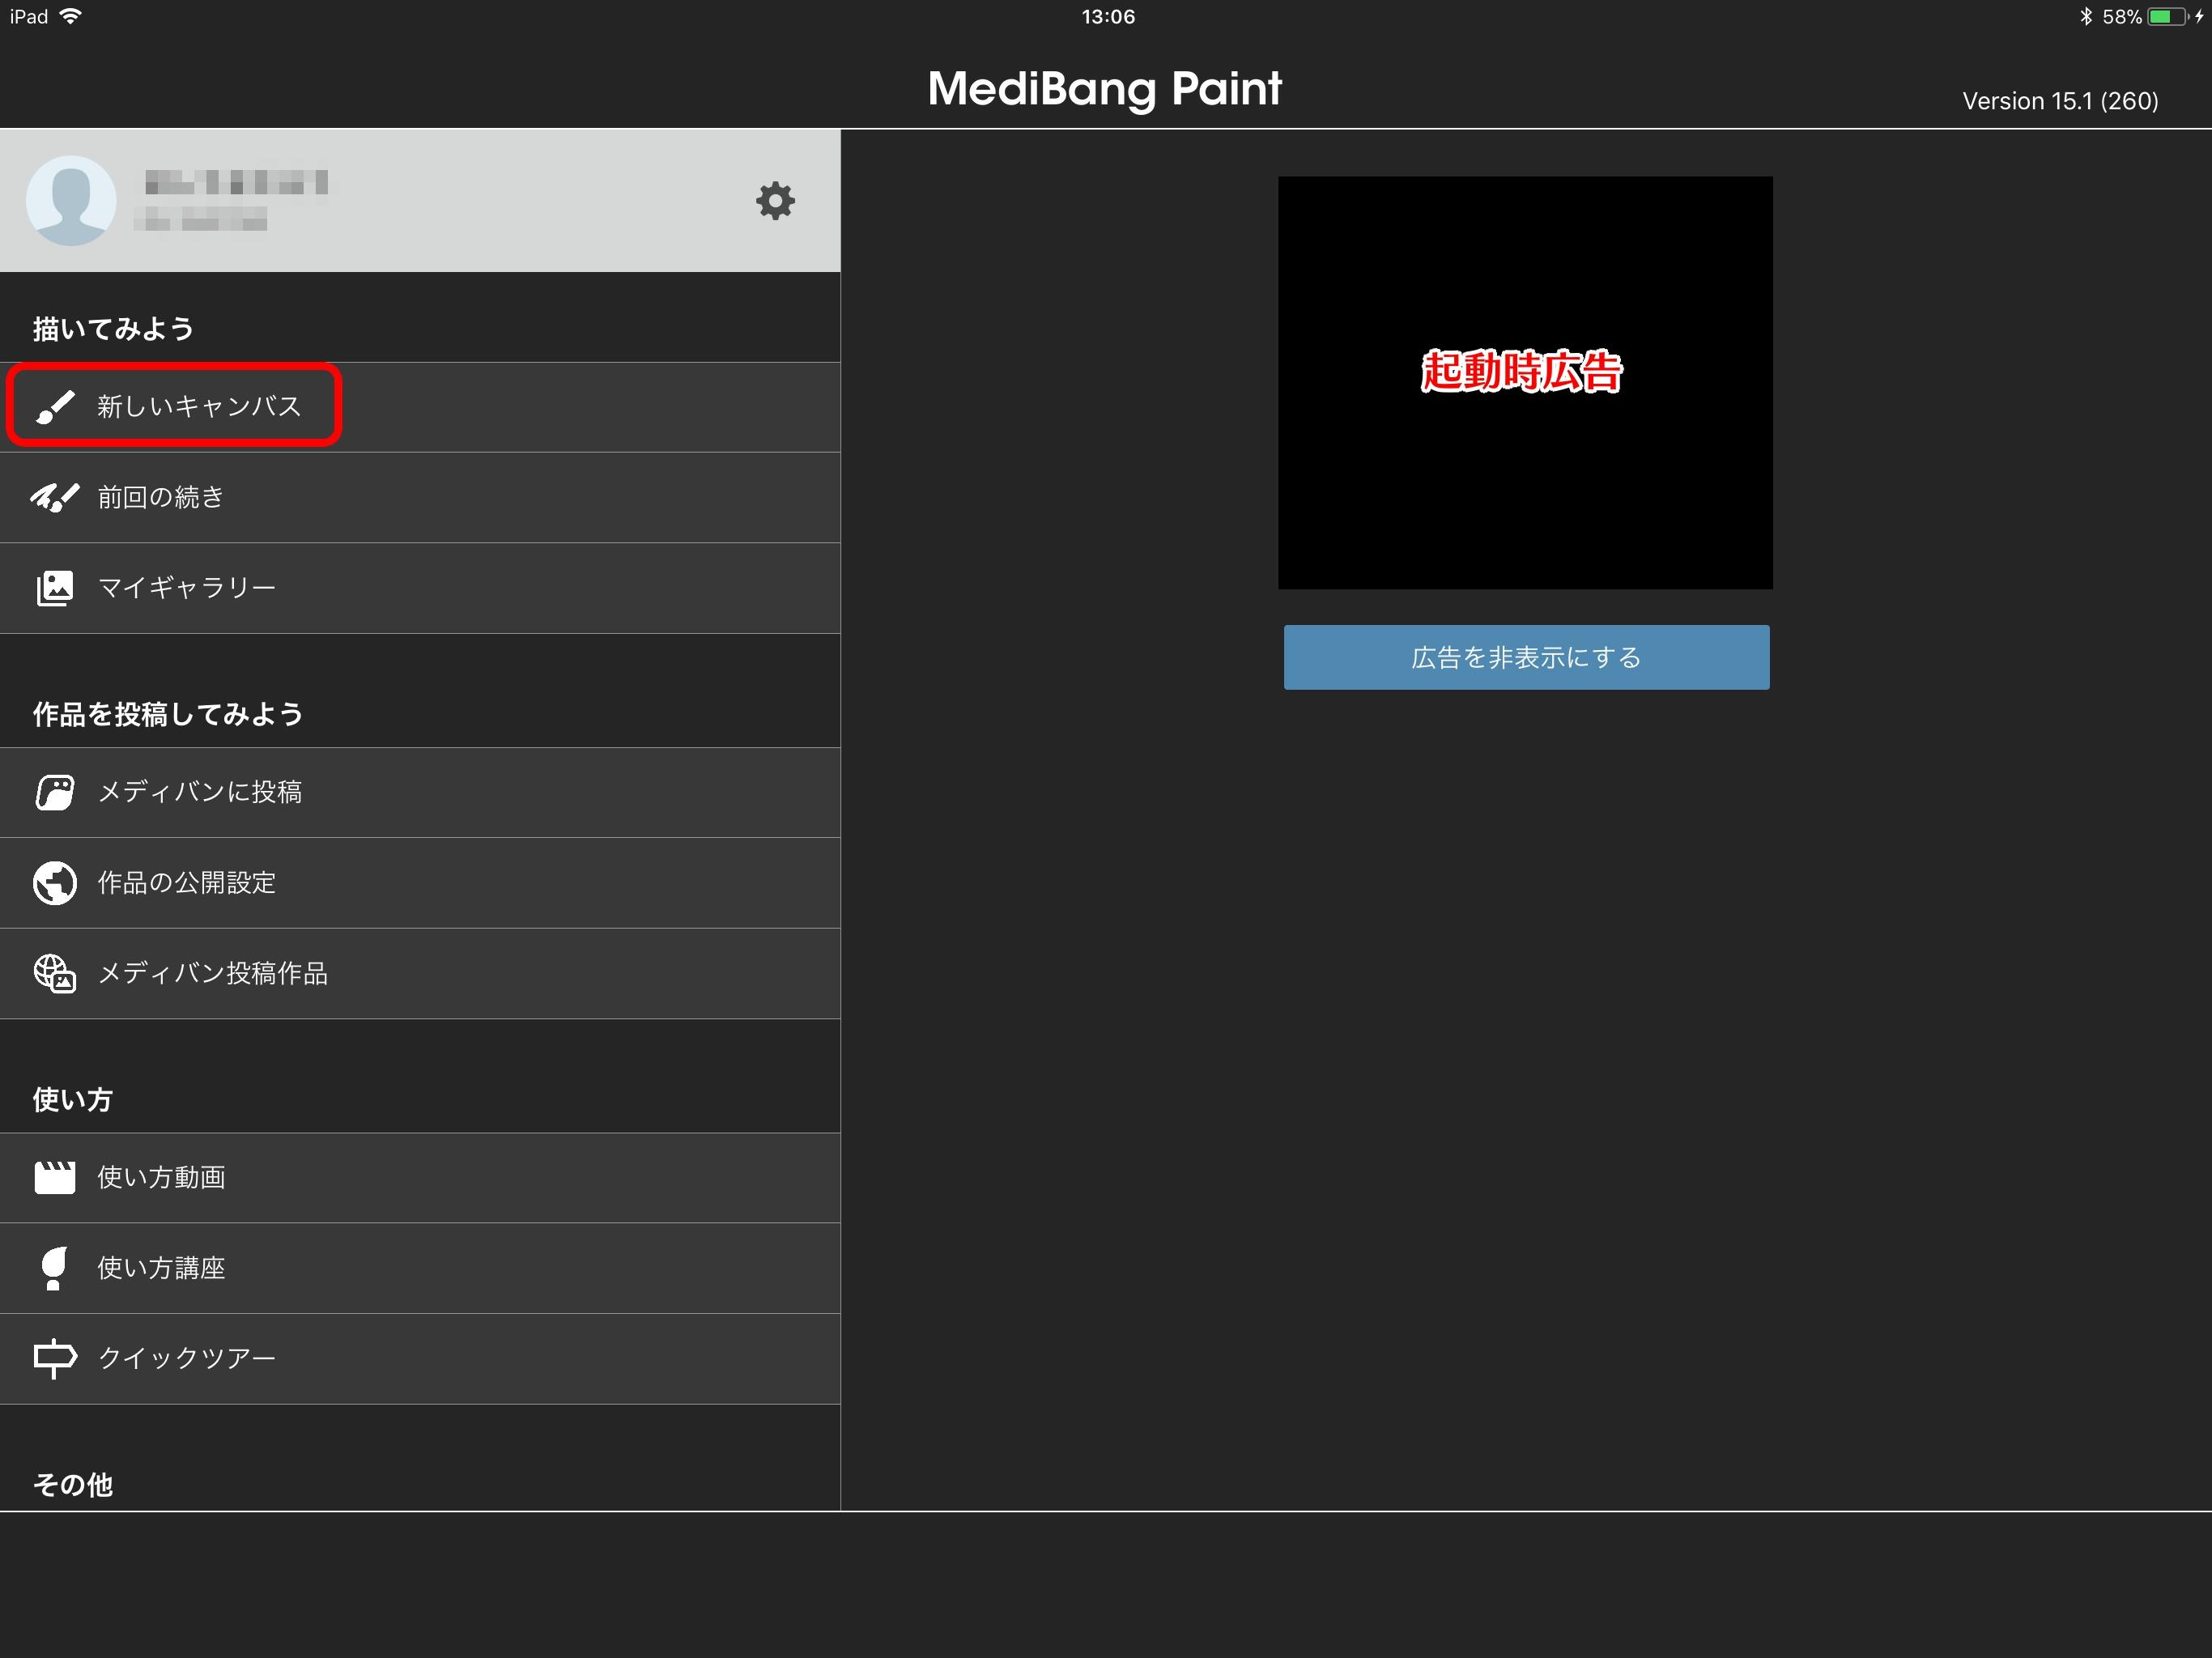 메디방 페인트 시작 화면